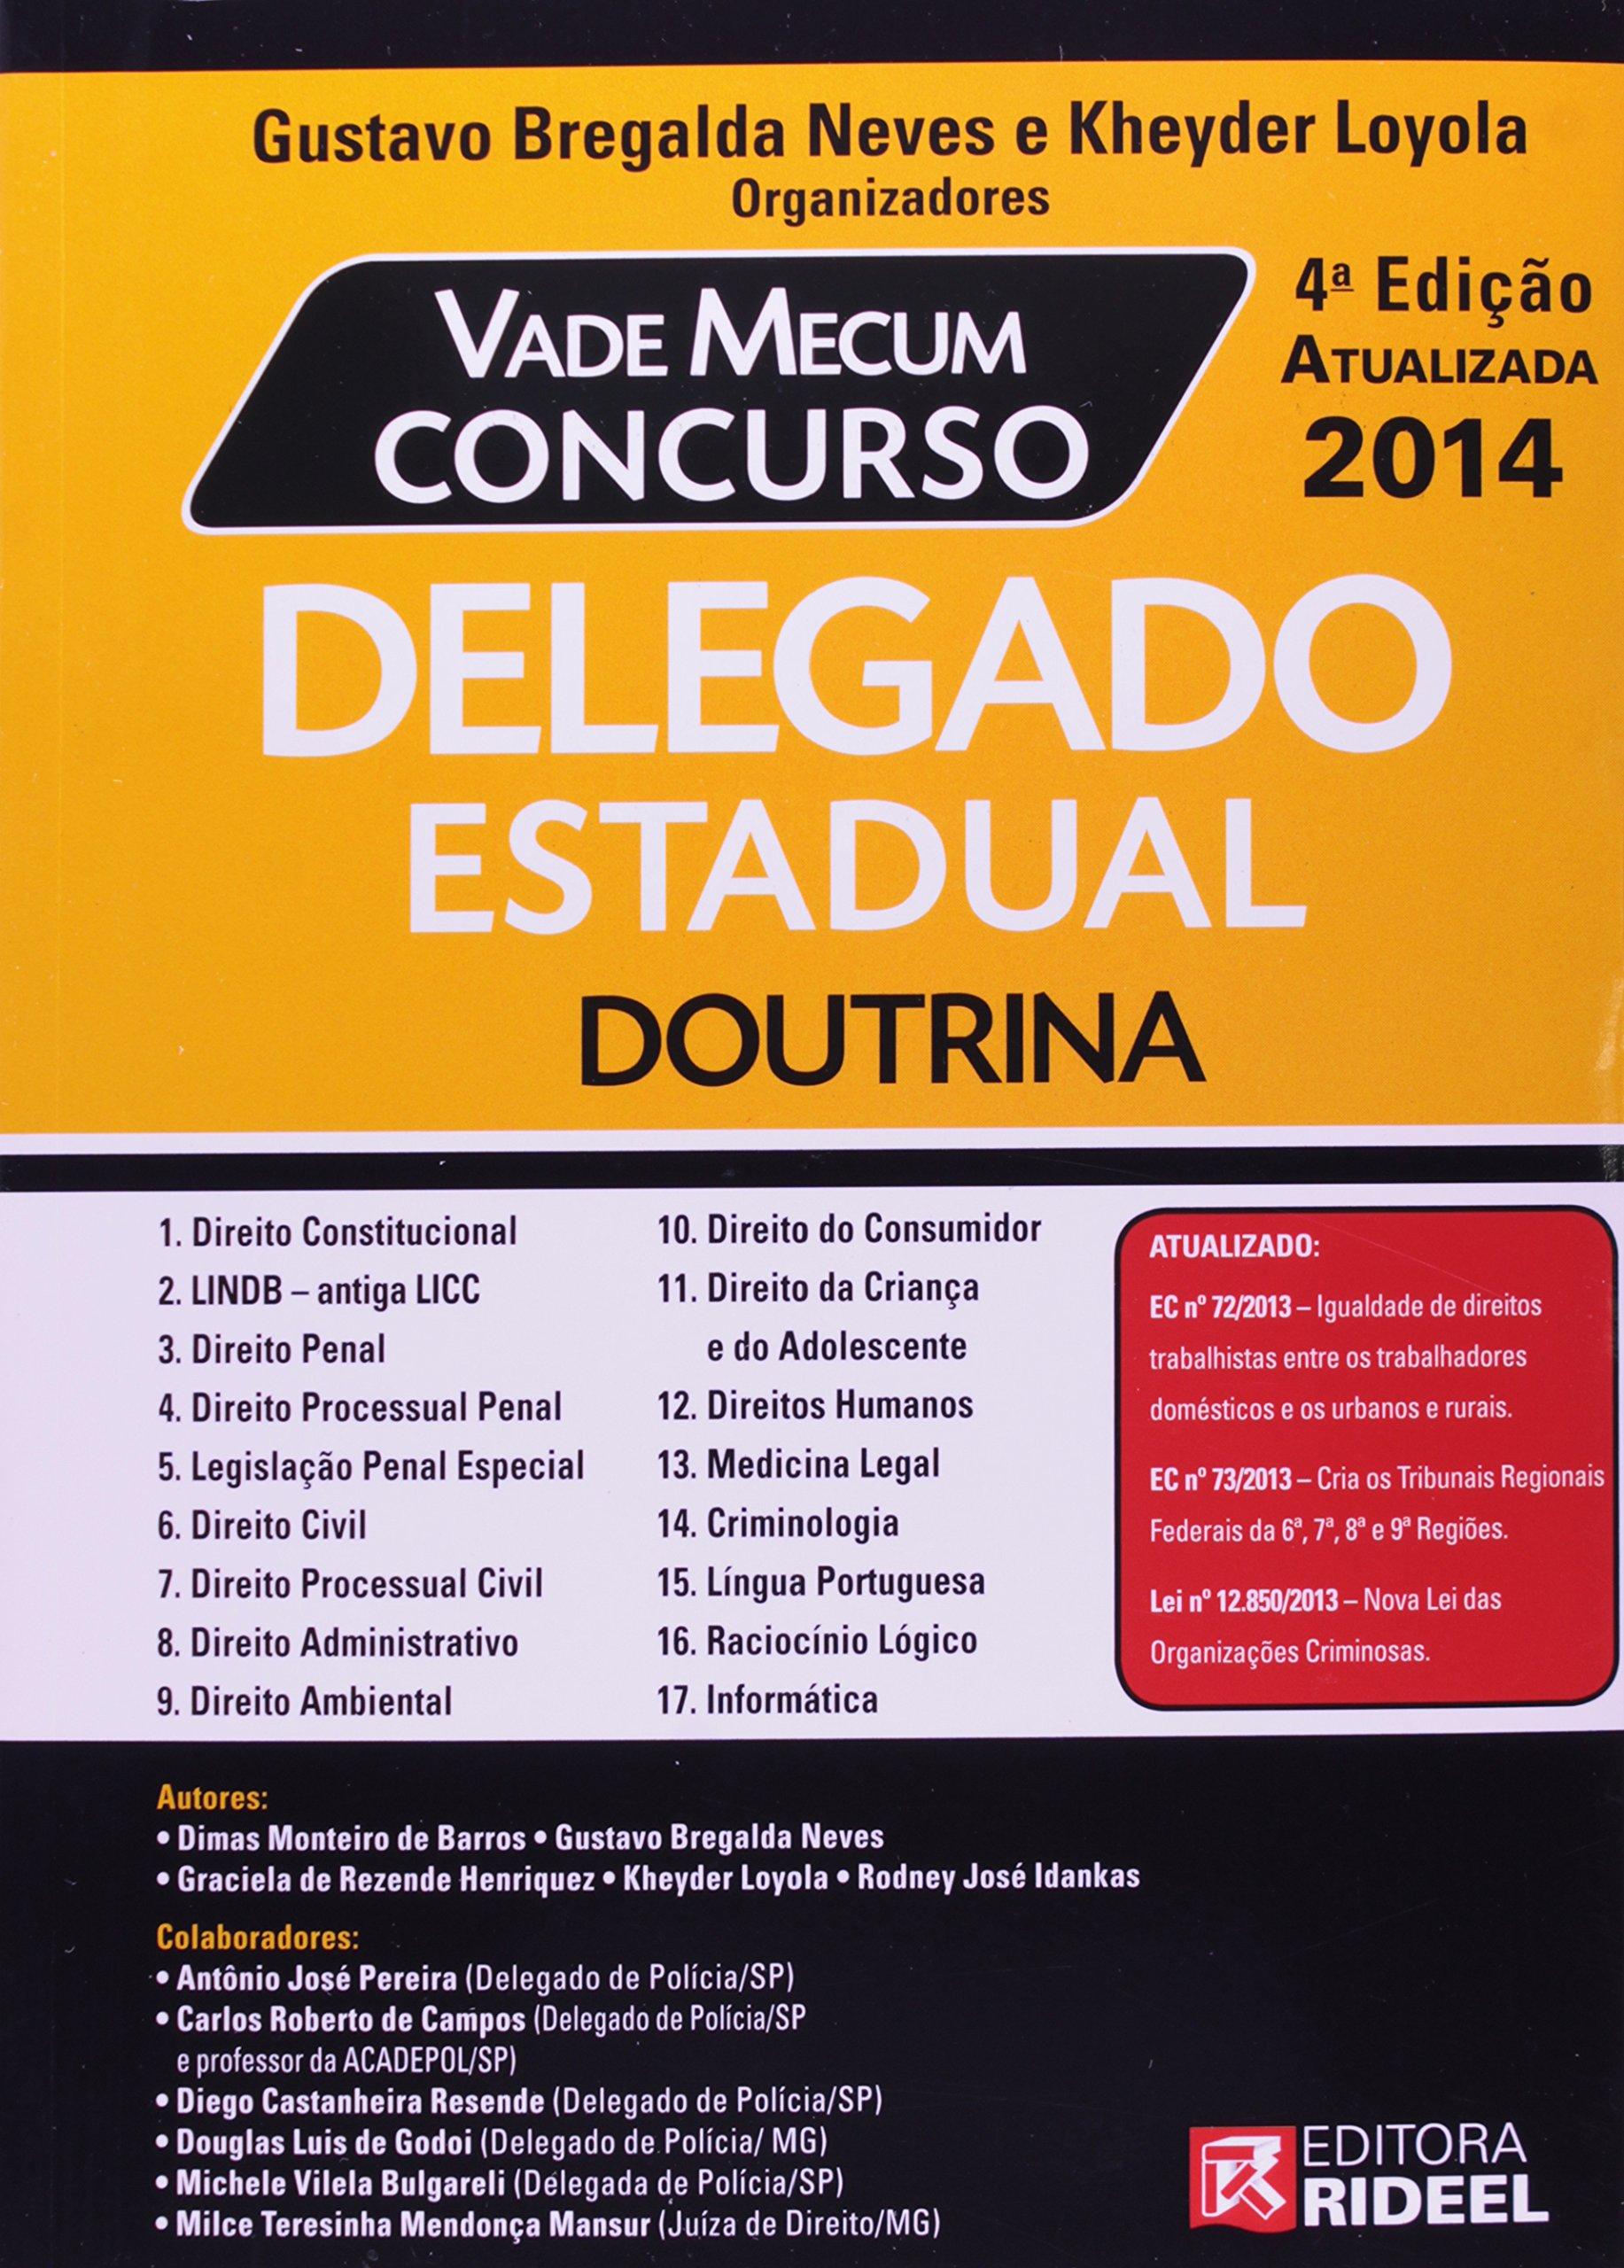 Vade Mecum Concurso. Delegado Estadual - Doutrina - 9788533929029 - Livros  na Amazon Brasil 323a4430e8